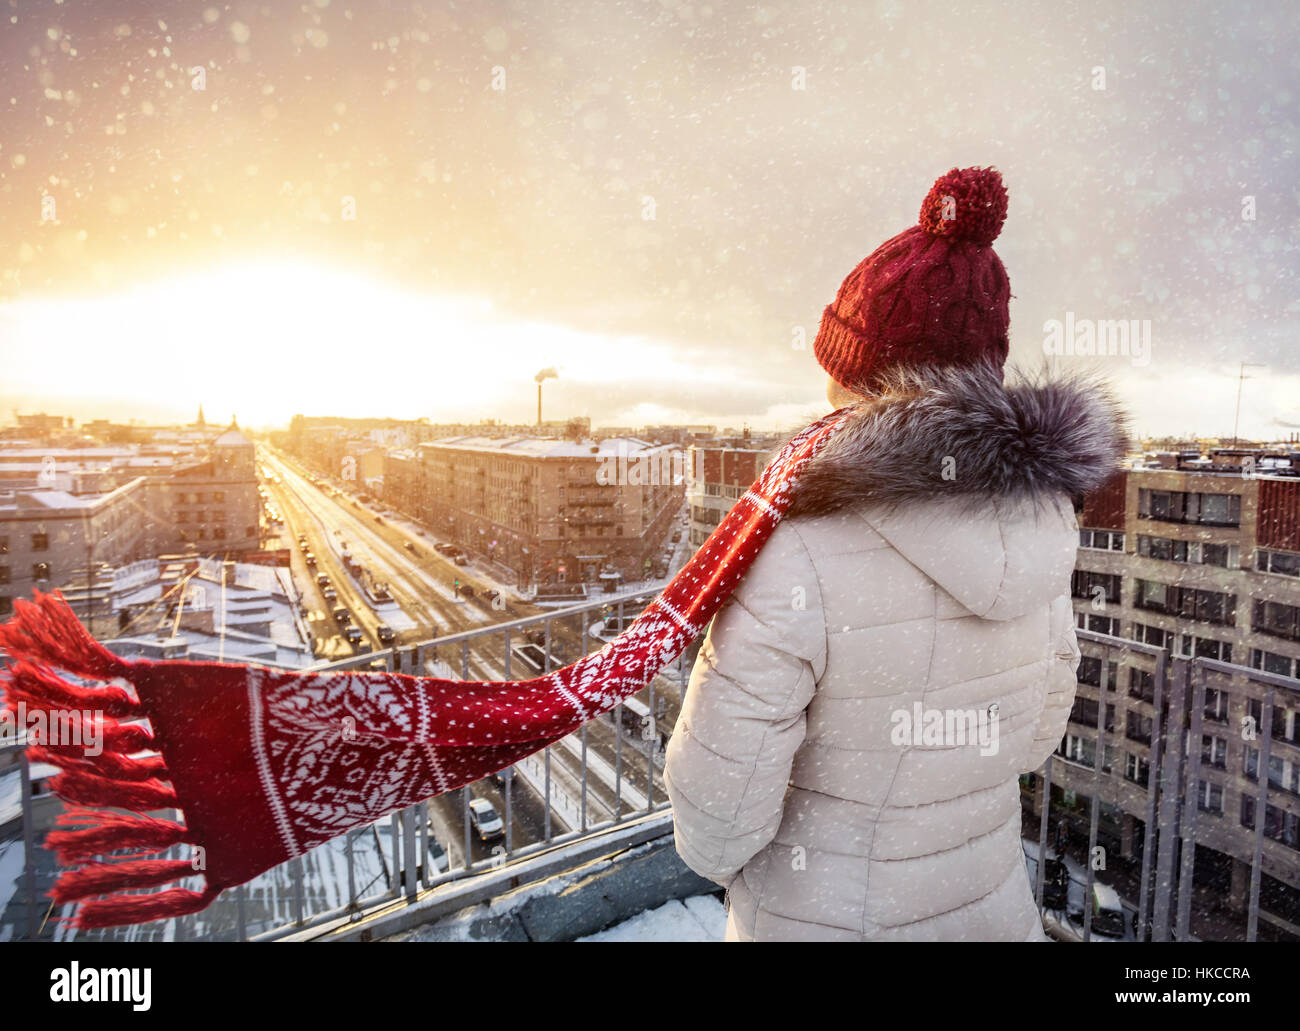 Mujer en Navidad sombrero y pañuelo rojo en el techo en la nieve caída en San Petersburgo, Rusia Imagen De Stock